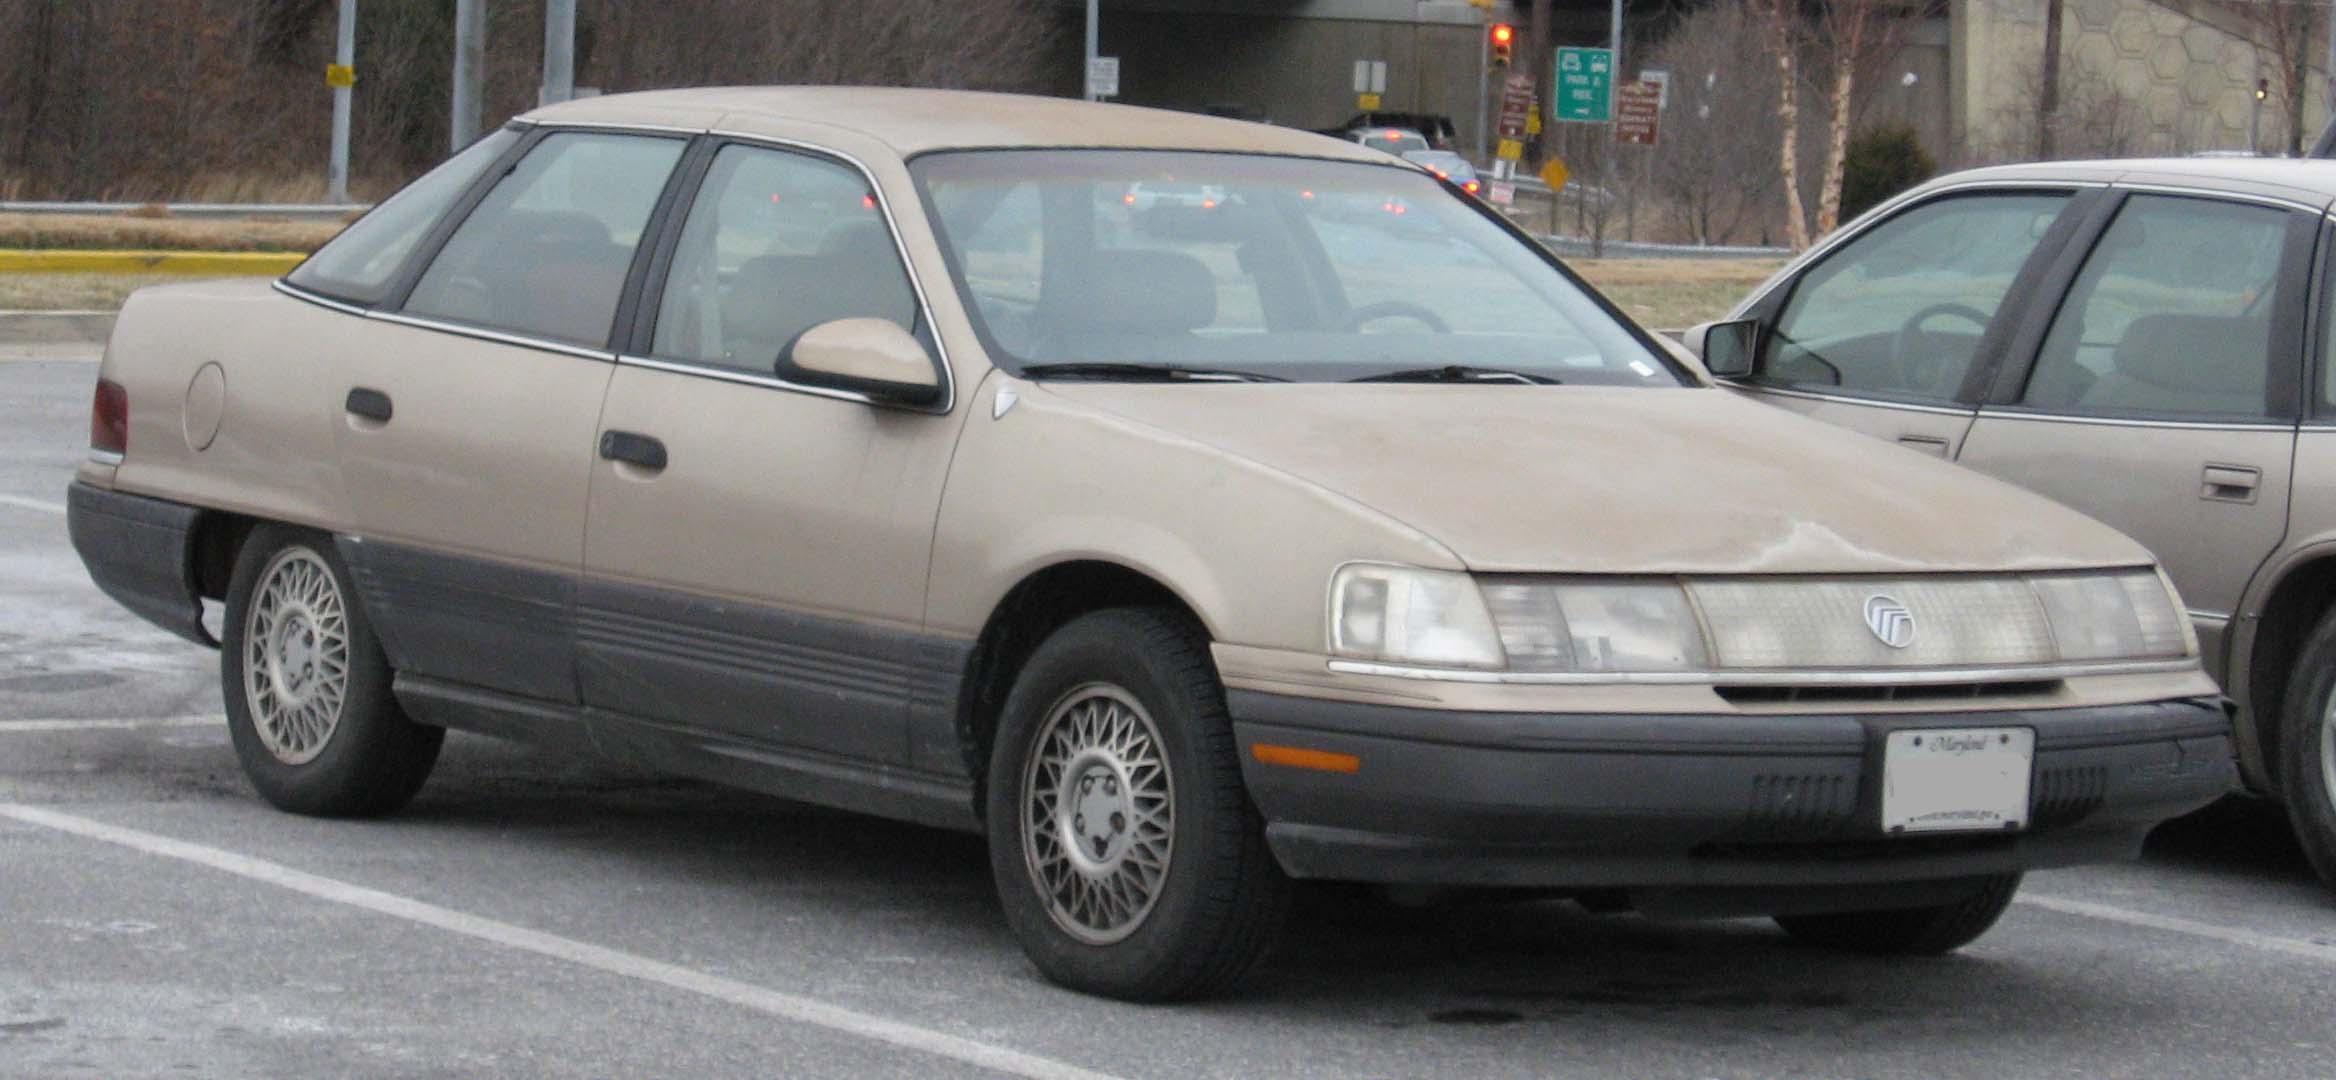 Mercury Sable I 1986 - 1991 Sedan #3